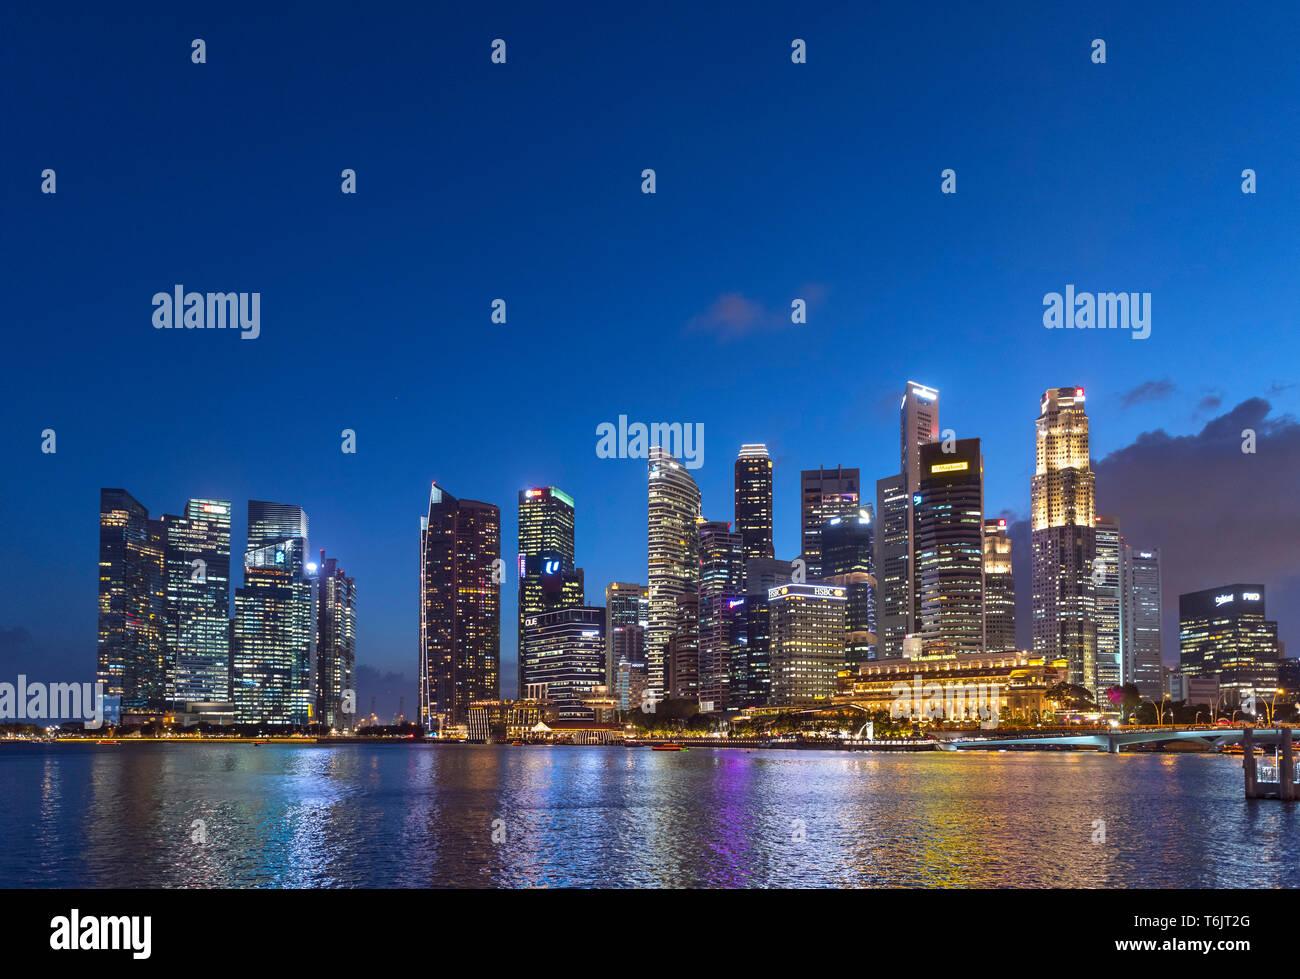 El distrito central de negocios (CBD) en la noche de Marina Bay, Singapur Imagen De Stock